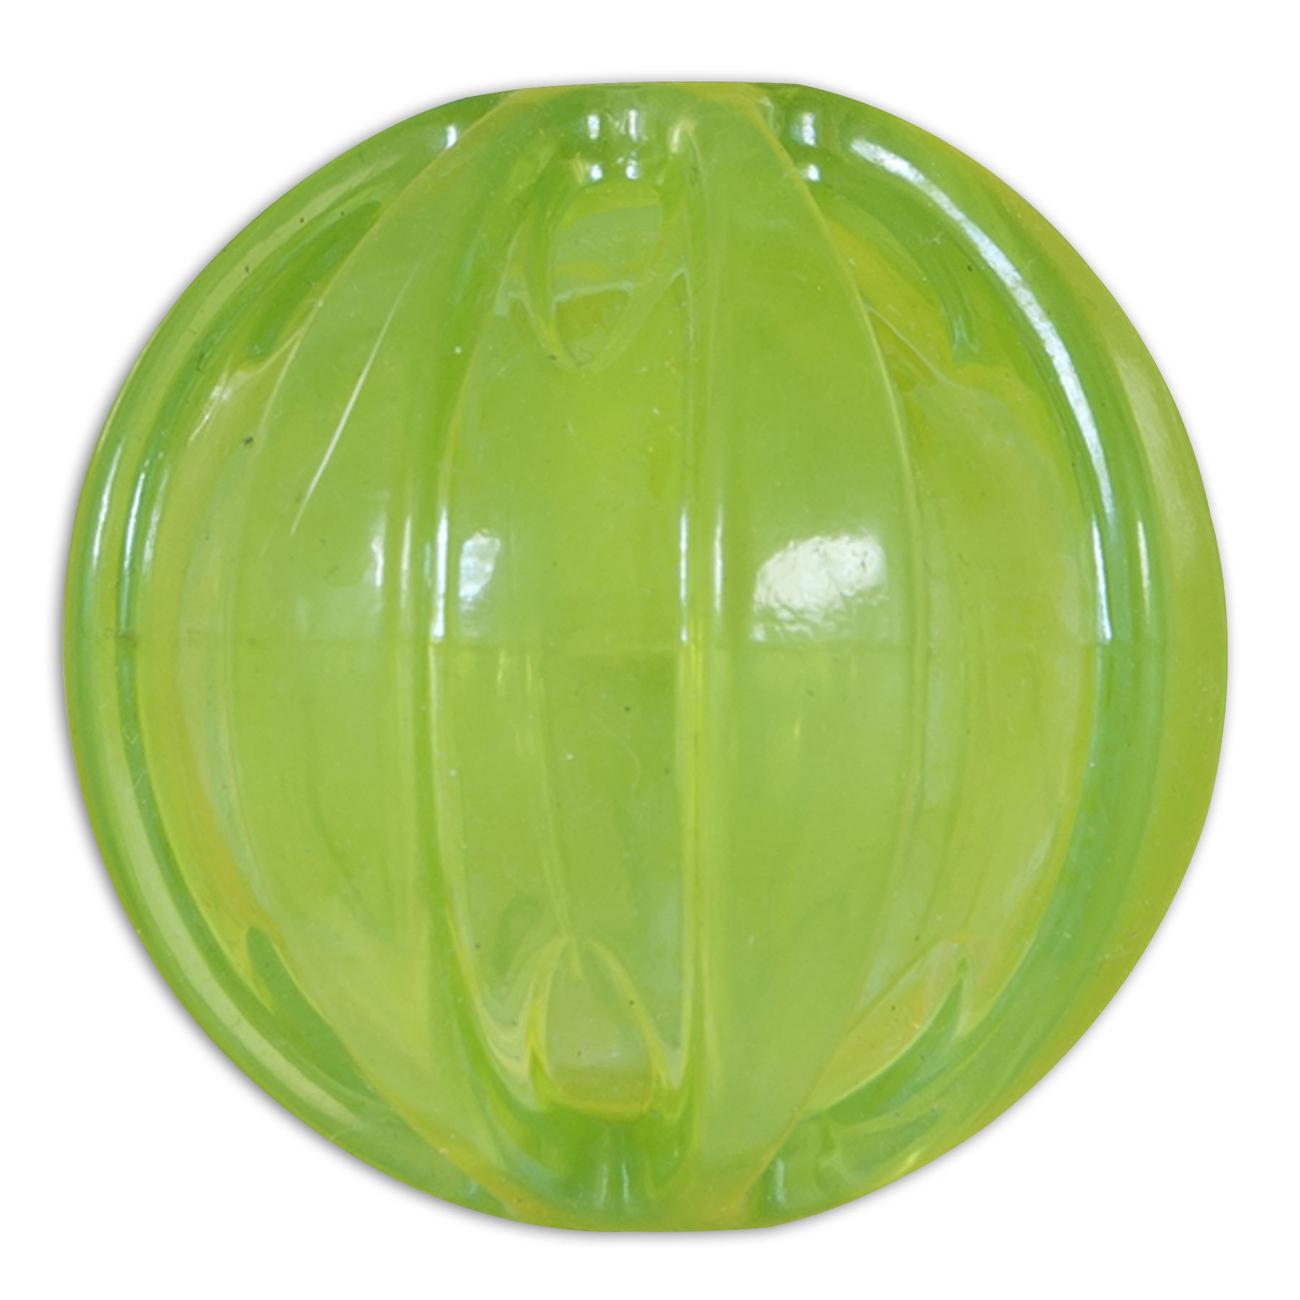 JW Pet Squeacky Ball Quietschball, Bild 4